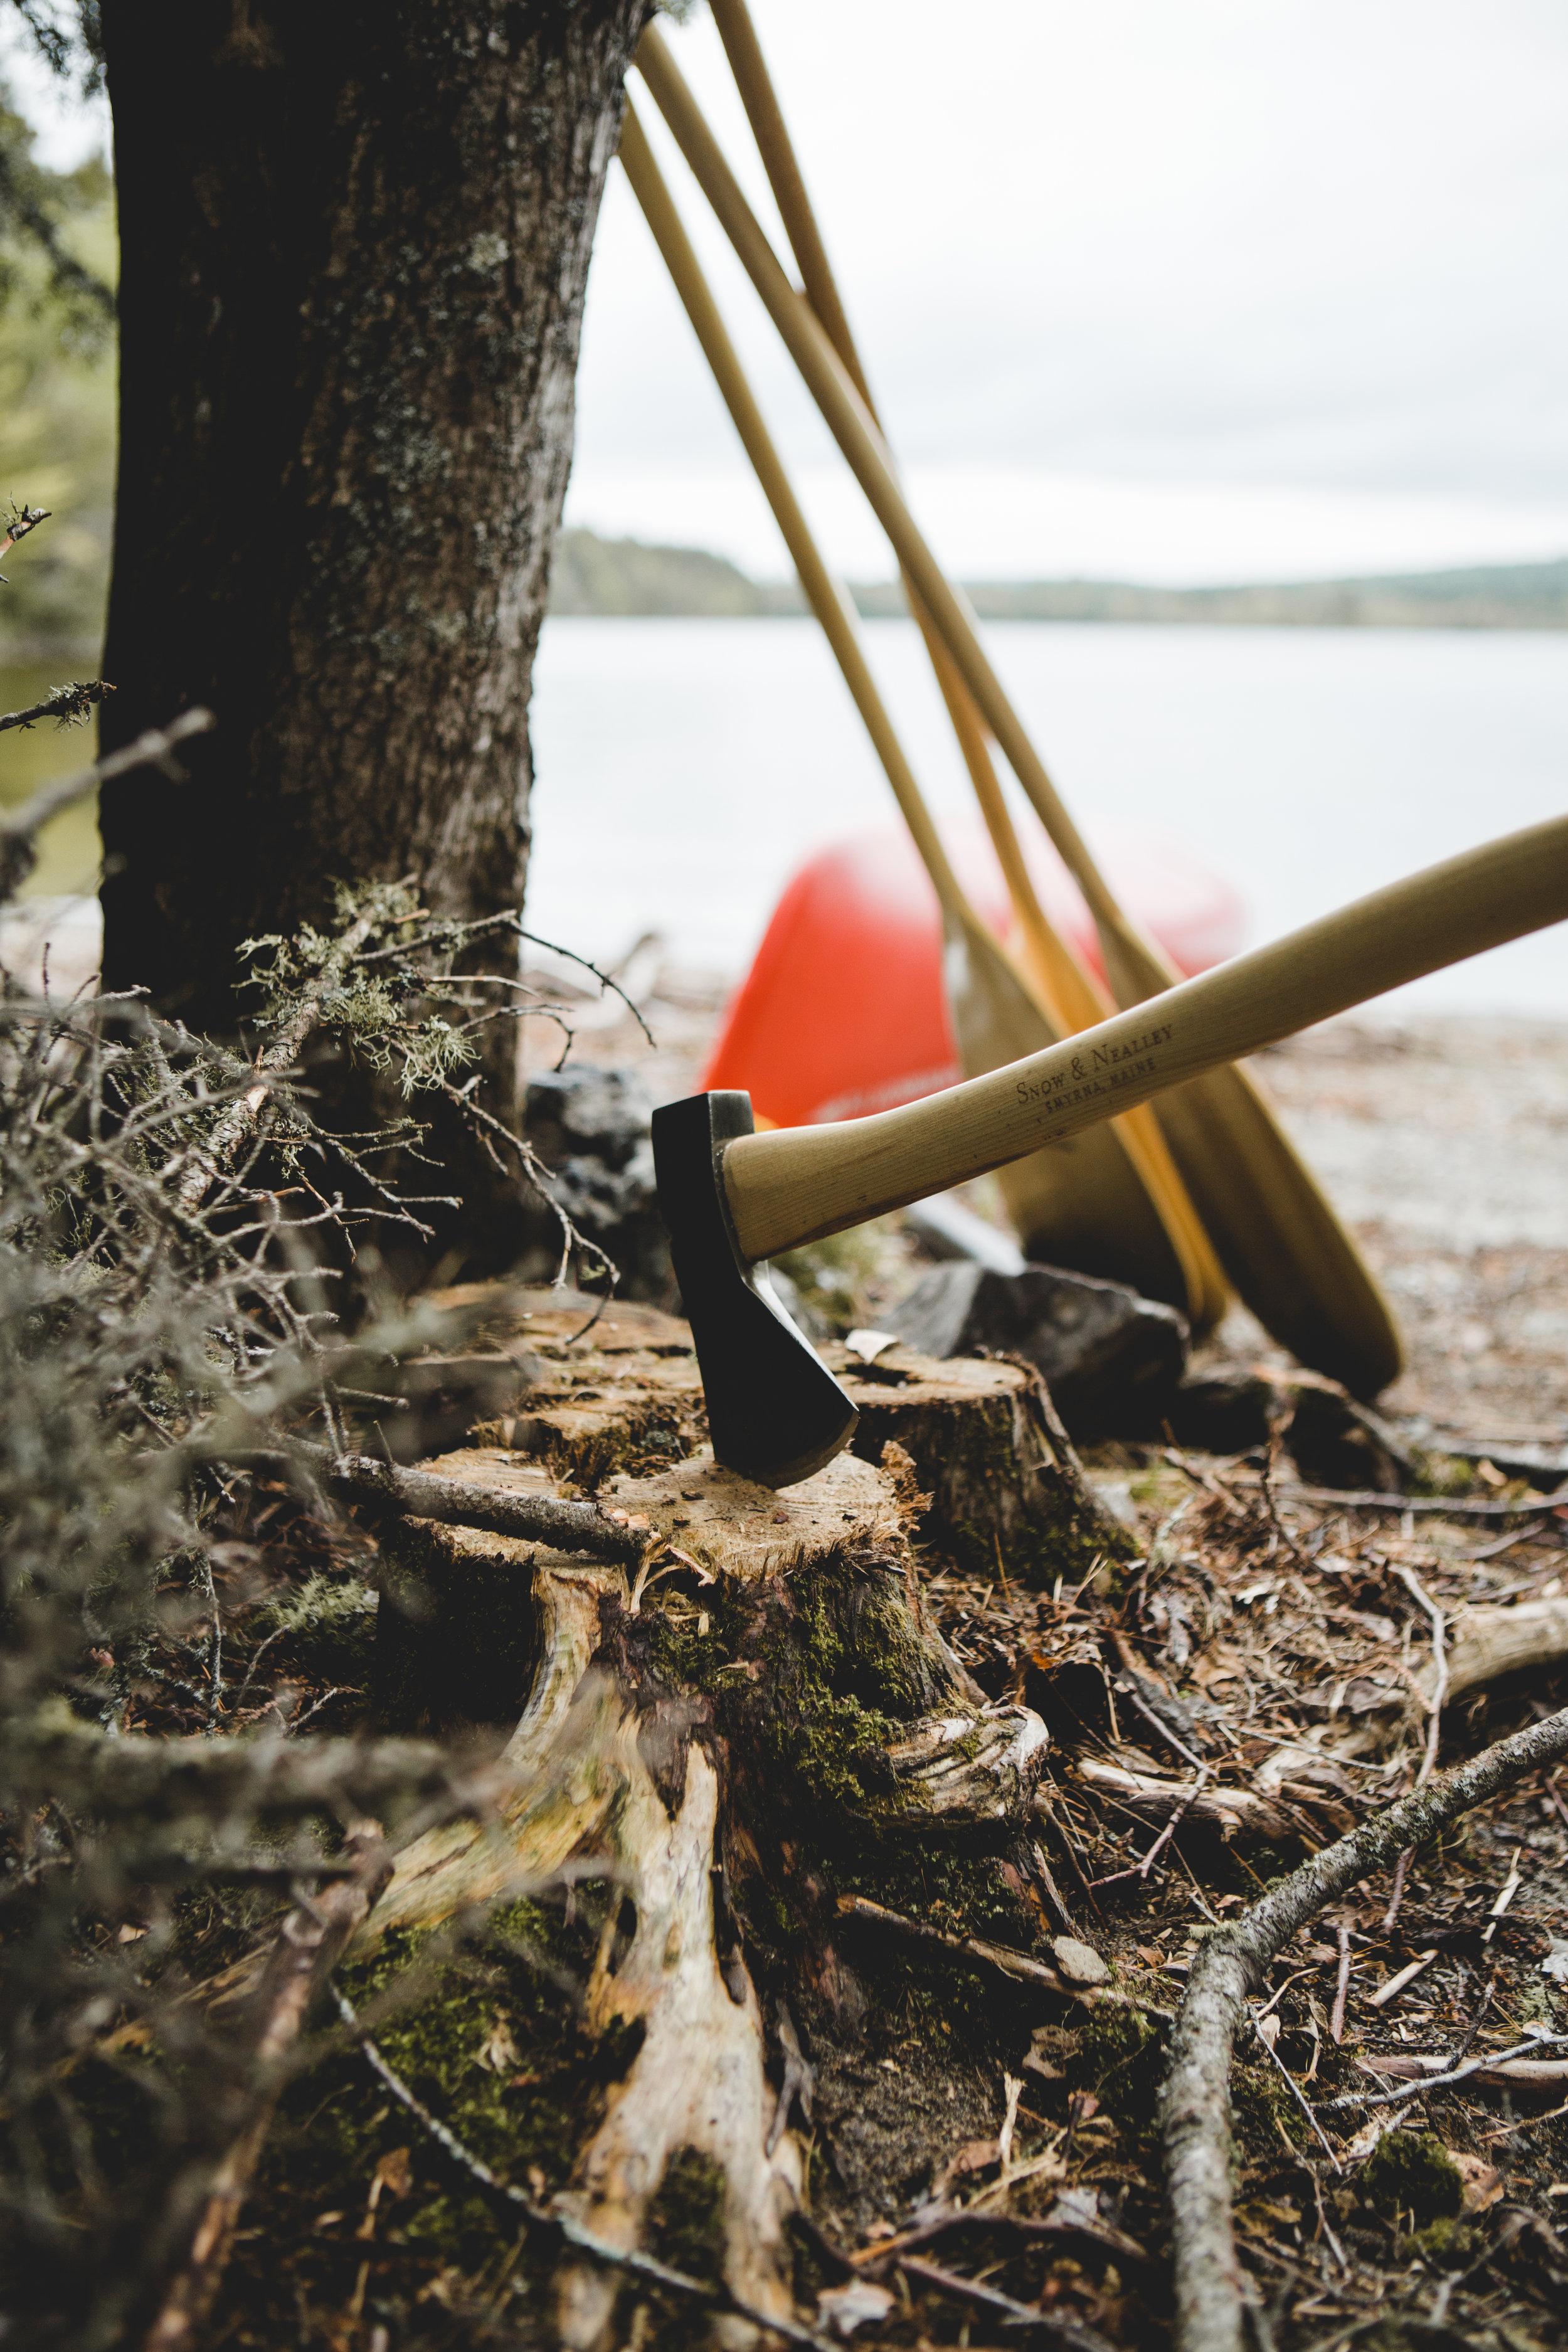 camp-axe-1.jpg